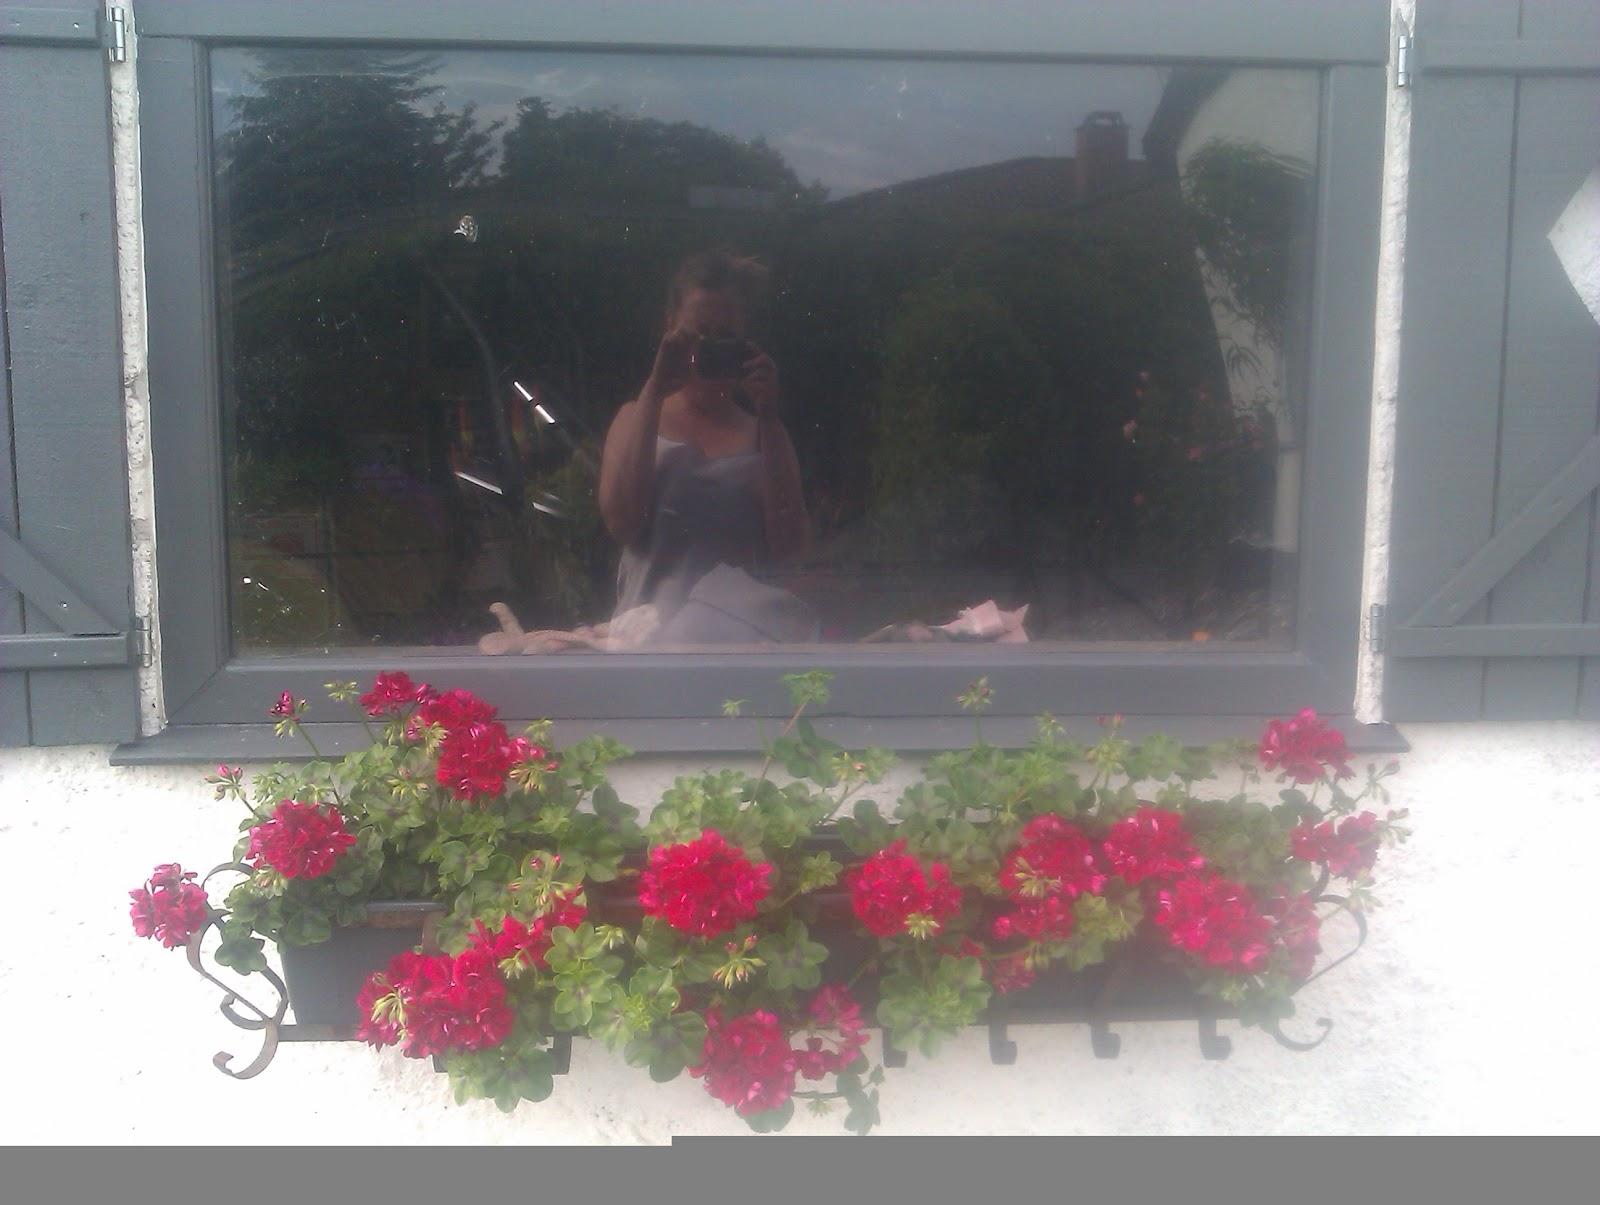 #993250 Anbefalede Villa Bianca: I år Elsker Jeg Pelargonier Igen Gør Det Selv Køkken Amager Landevej 5587 160012055587